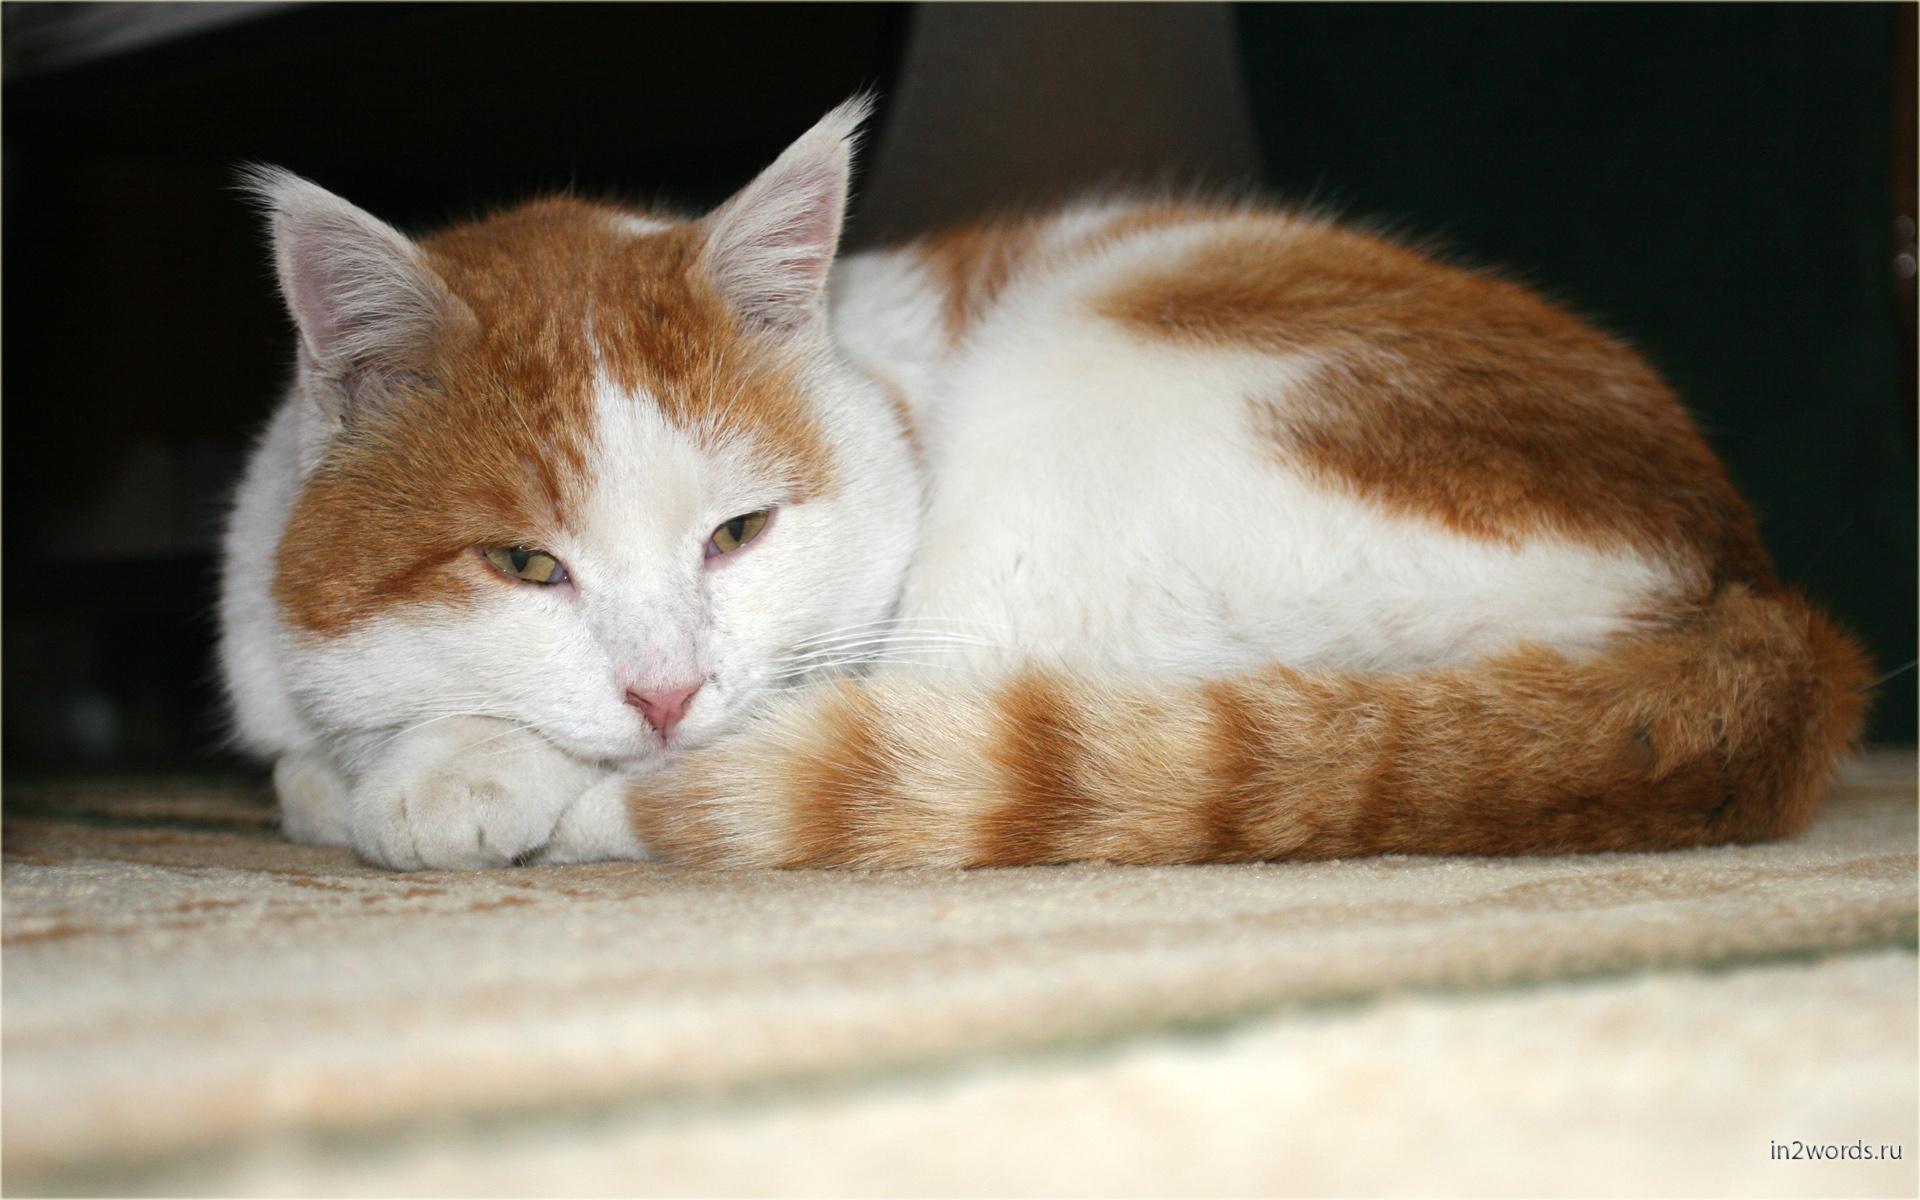 Домашний тигр резвится и отдыхает, то разбросав, то сложив лапки. Рыжее солнце.